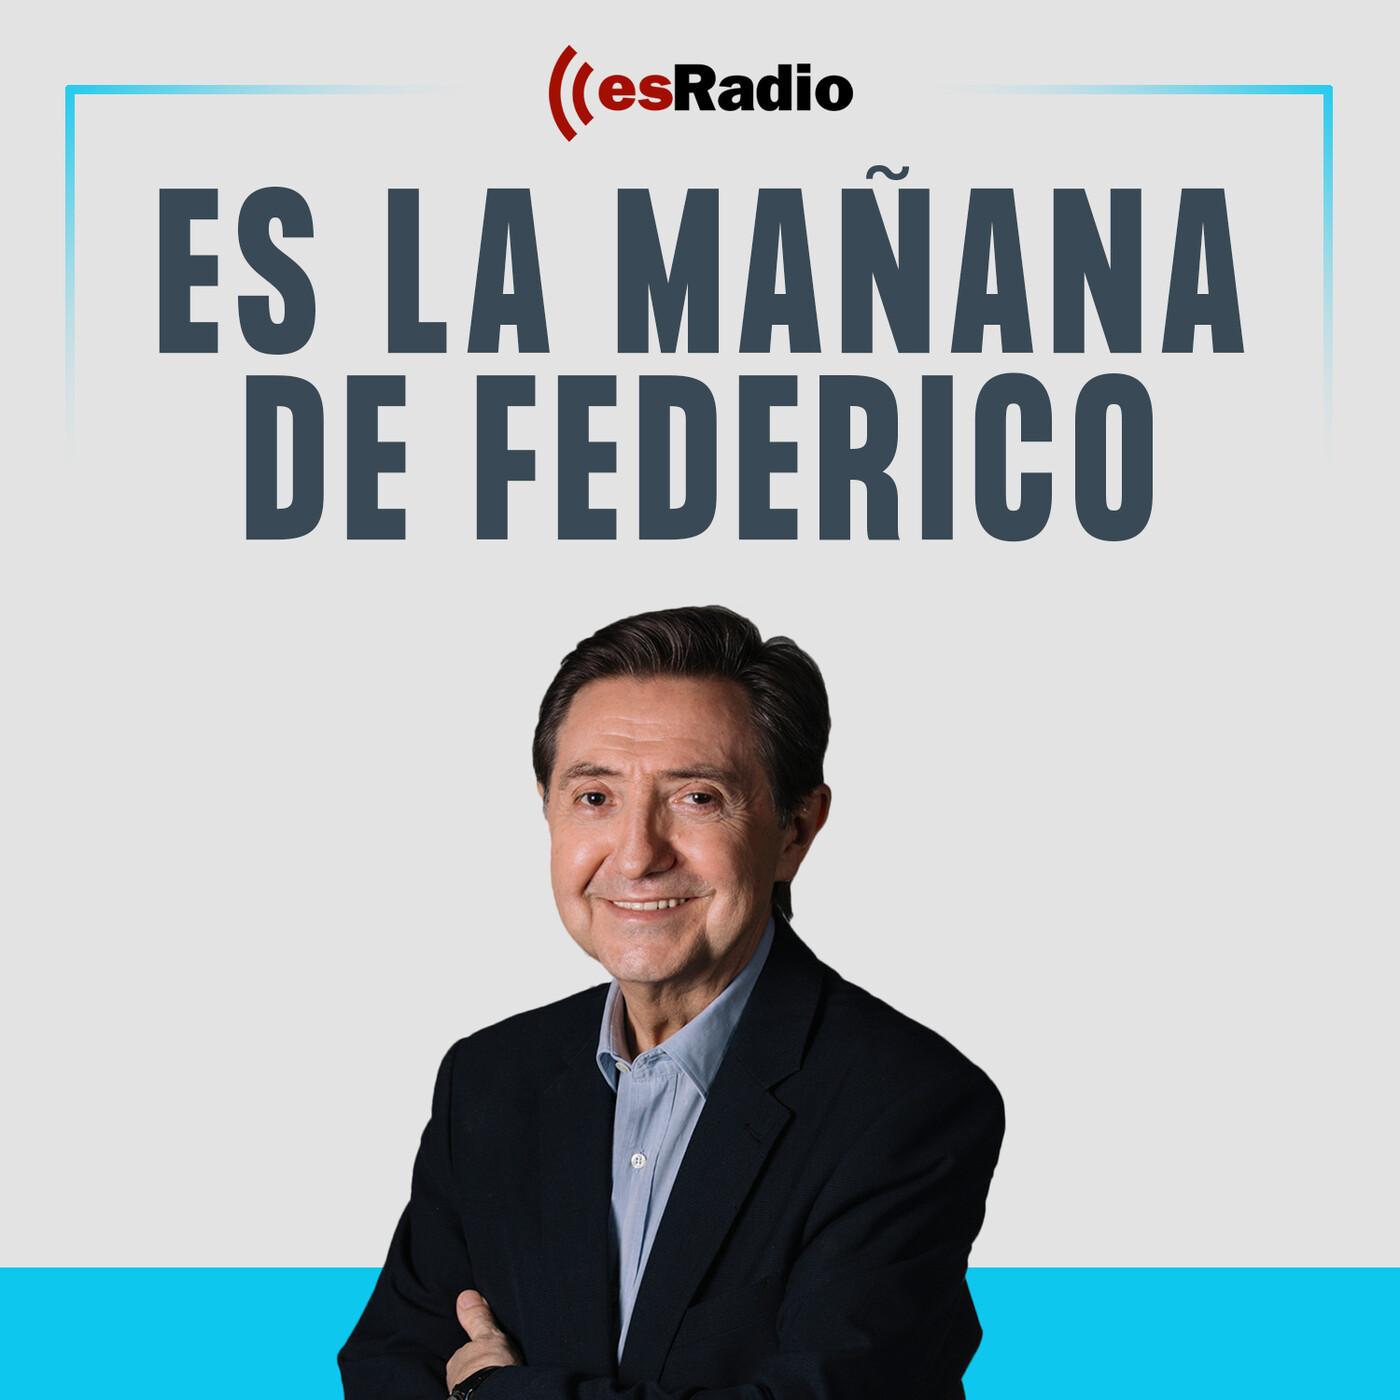 Federico Jiménez Losantos entrevista a Iván Espinosa de los Monteros